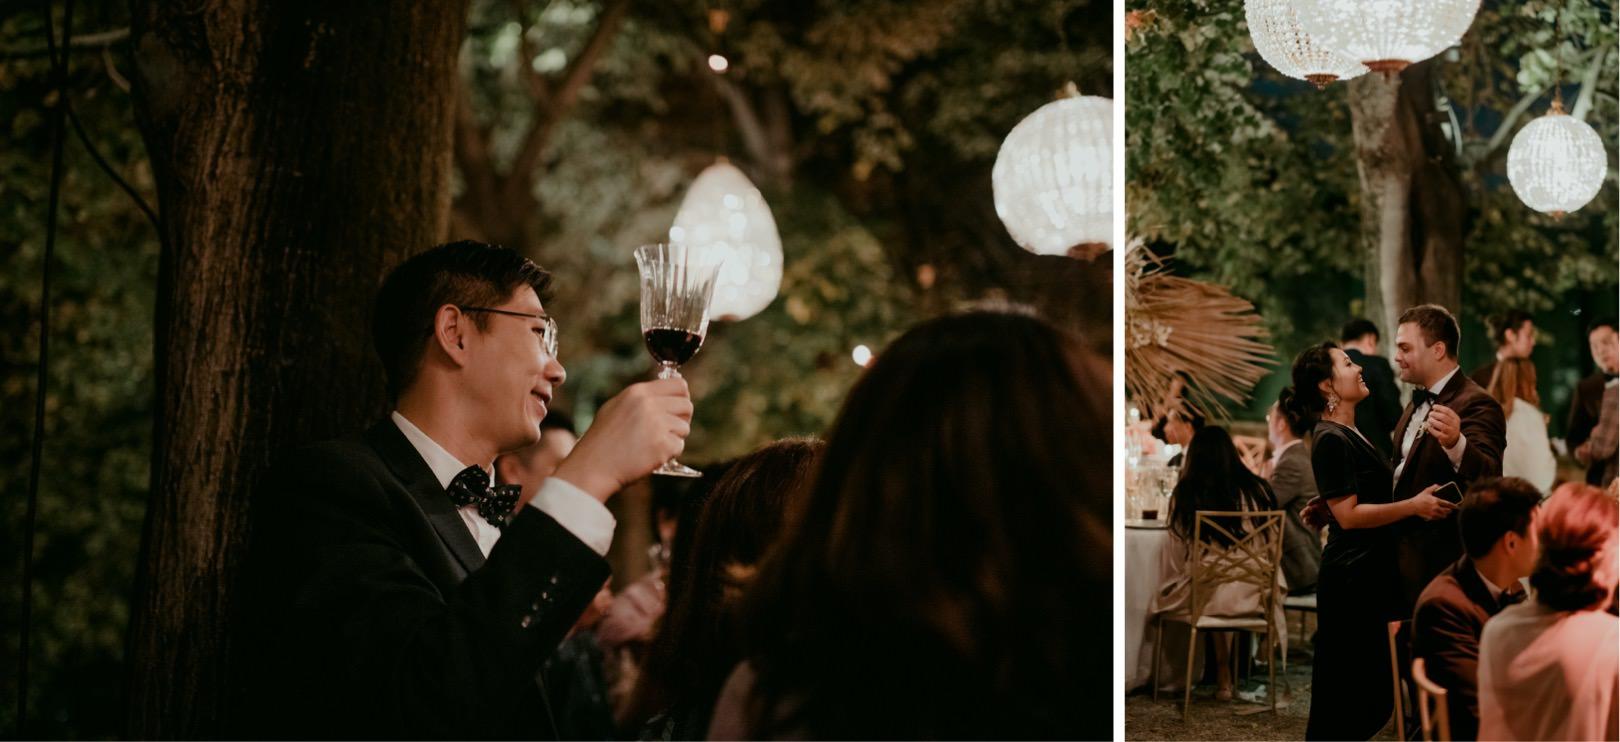 Gatsby wedding reception